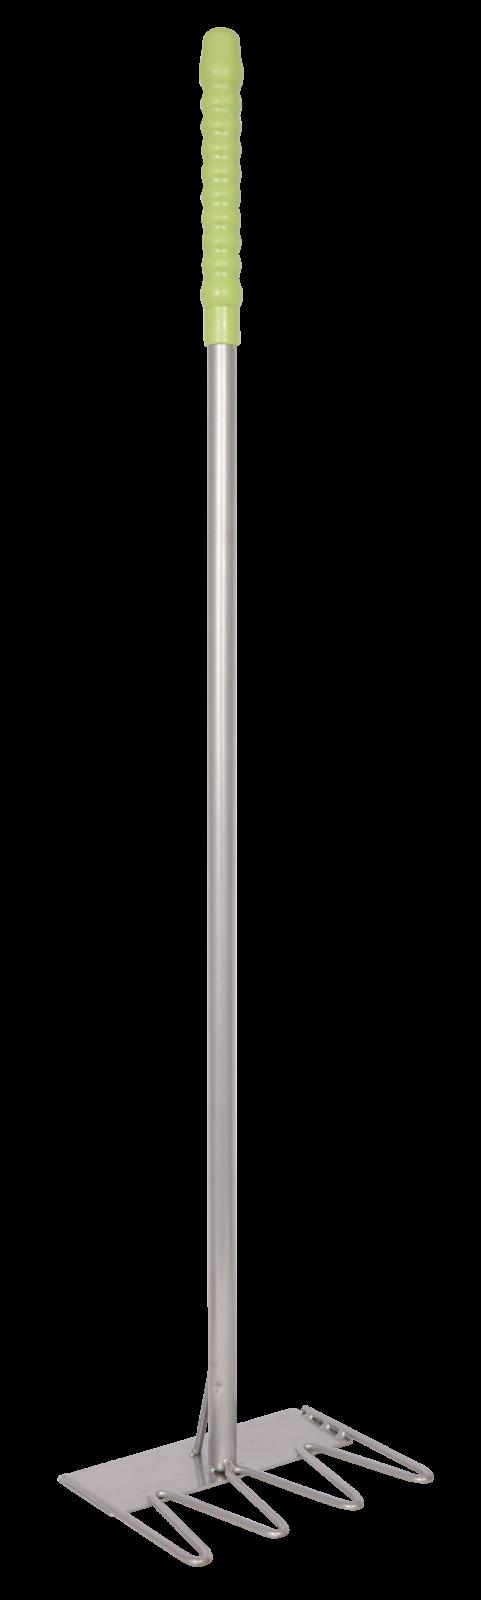 TubTrug Tidee - Spare Rake